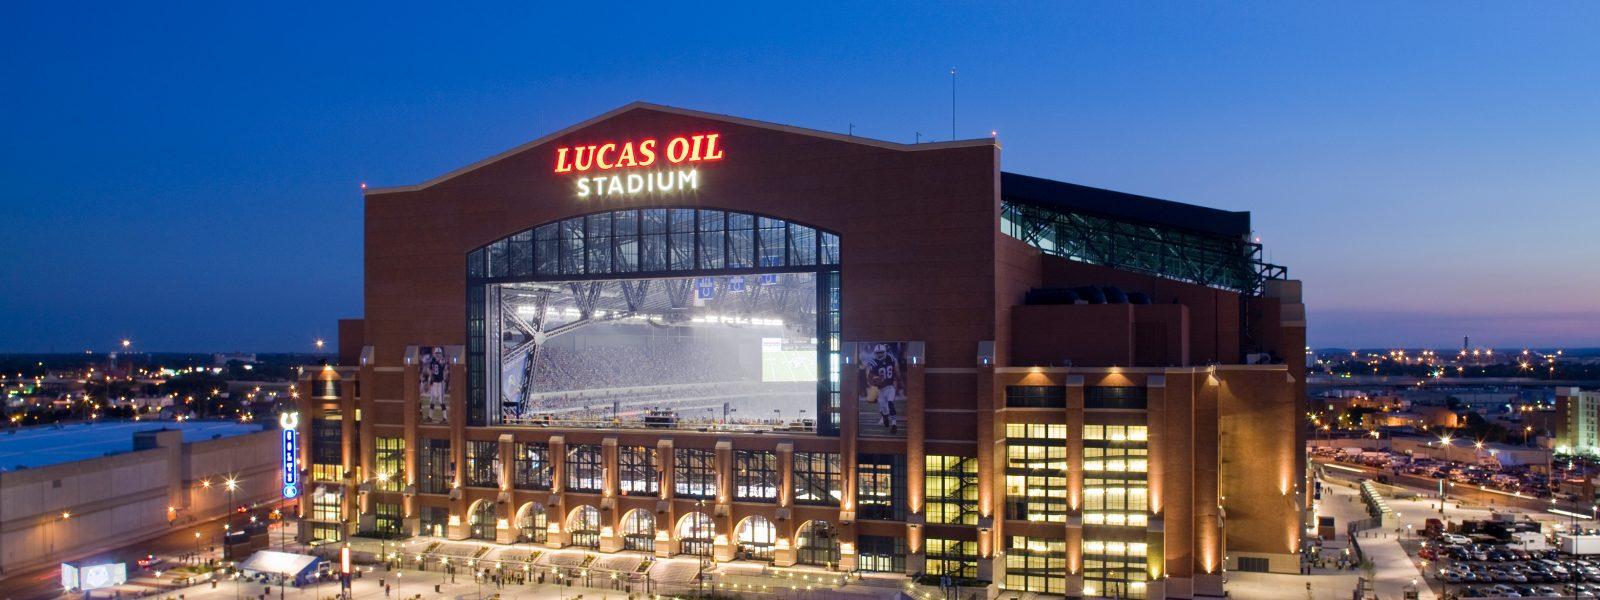 Lucas-Oil-Stadium_4_md-1600x600